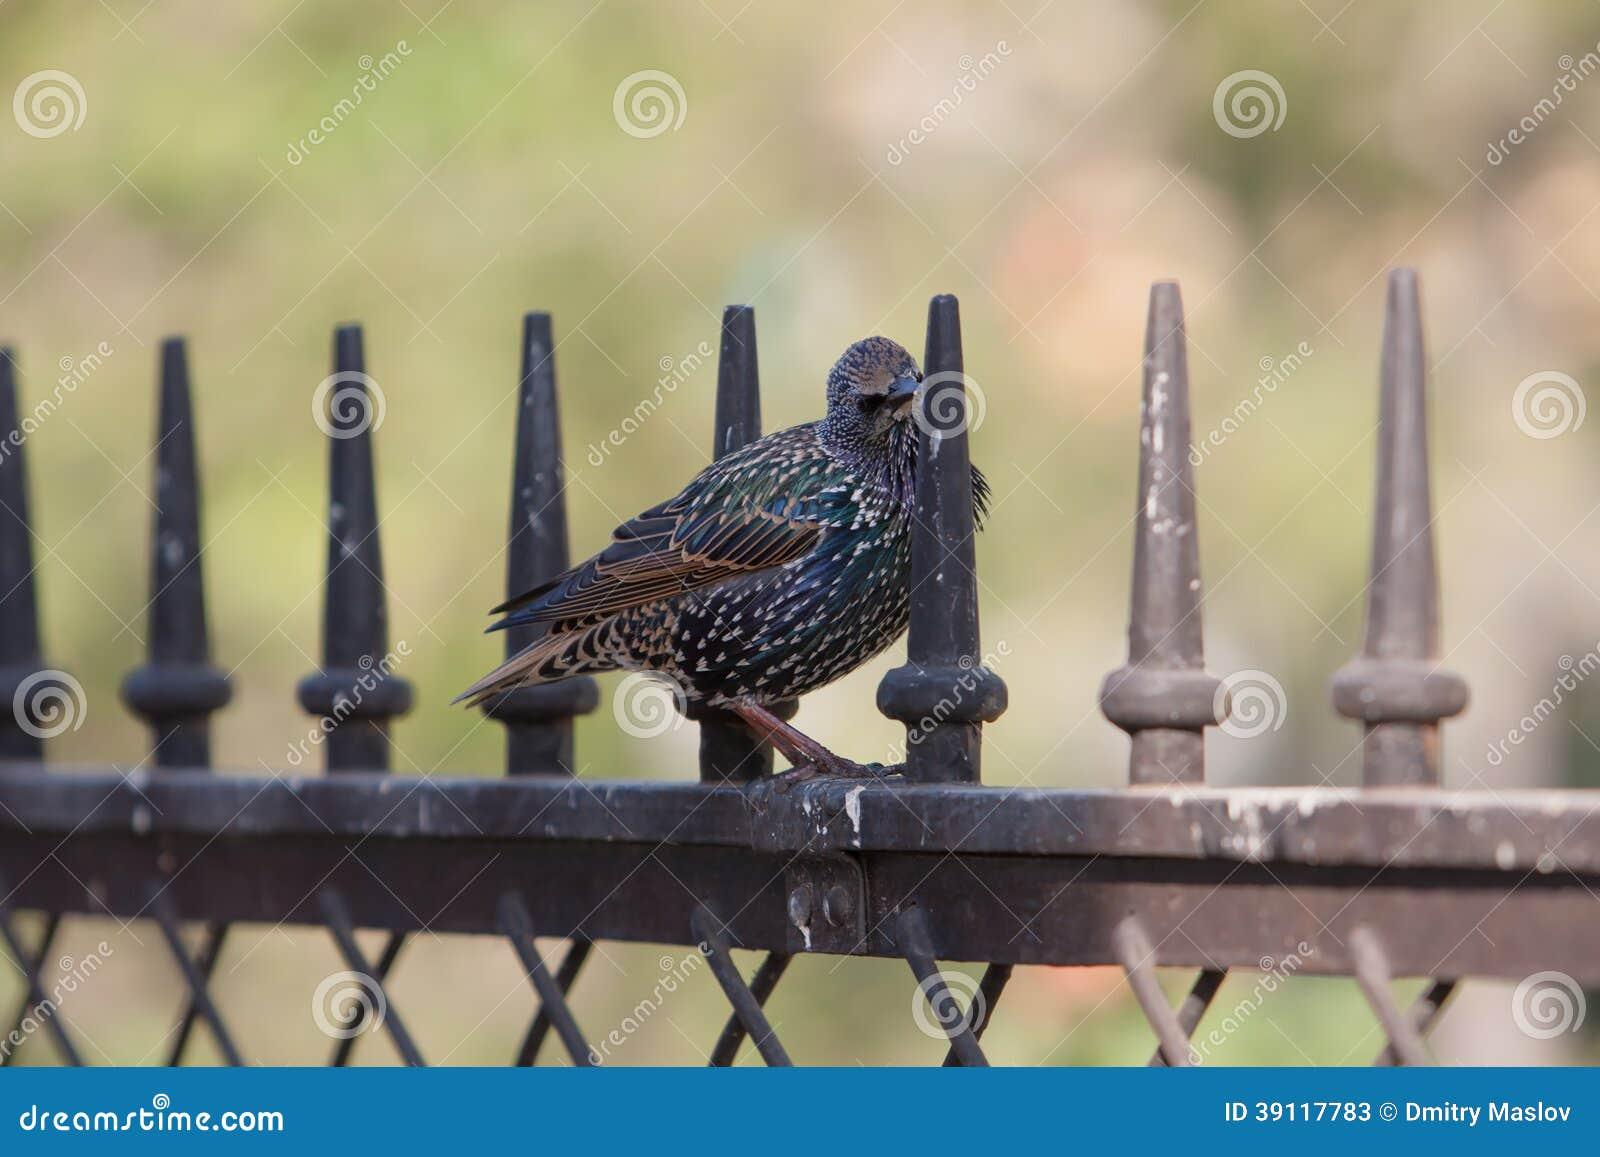 Starling zit op een metaalomheining